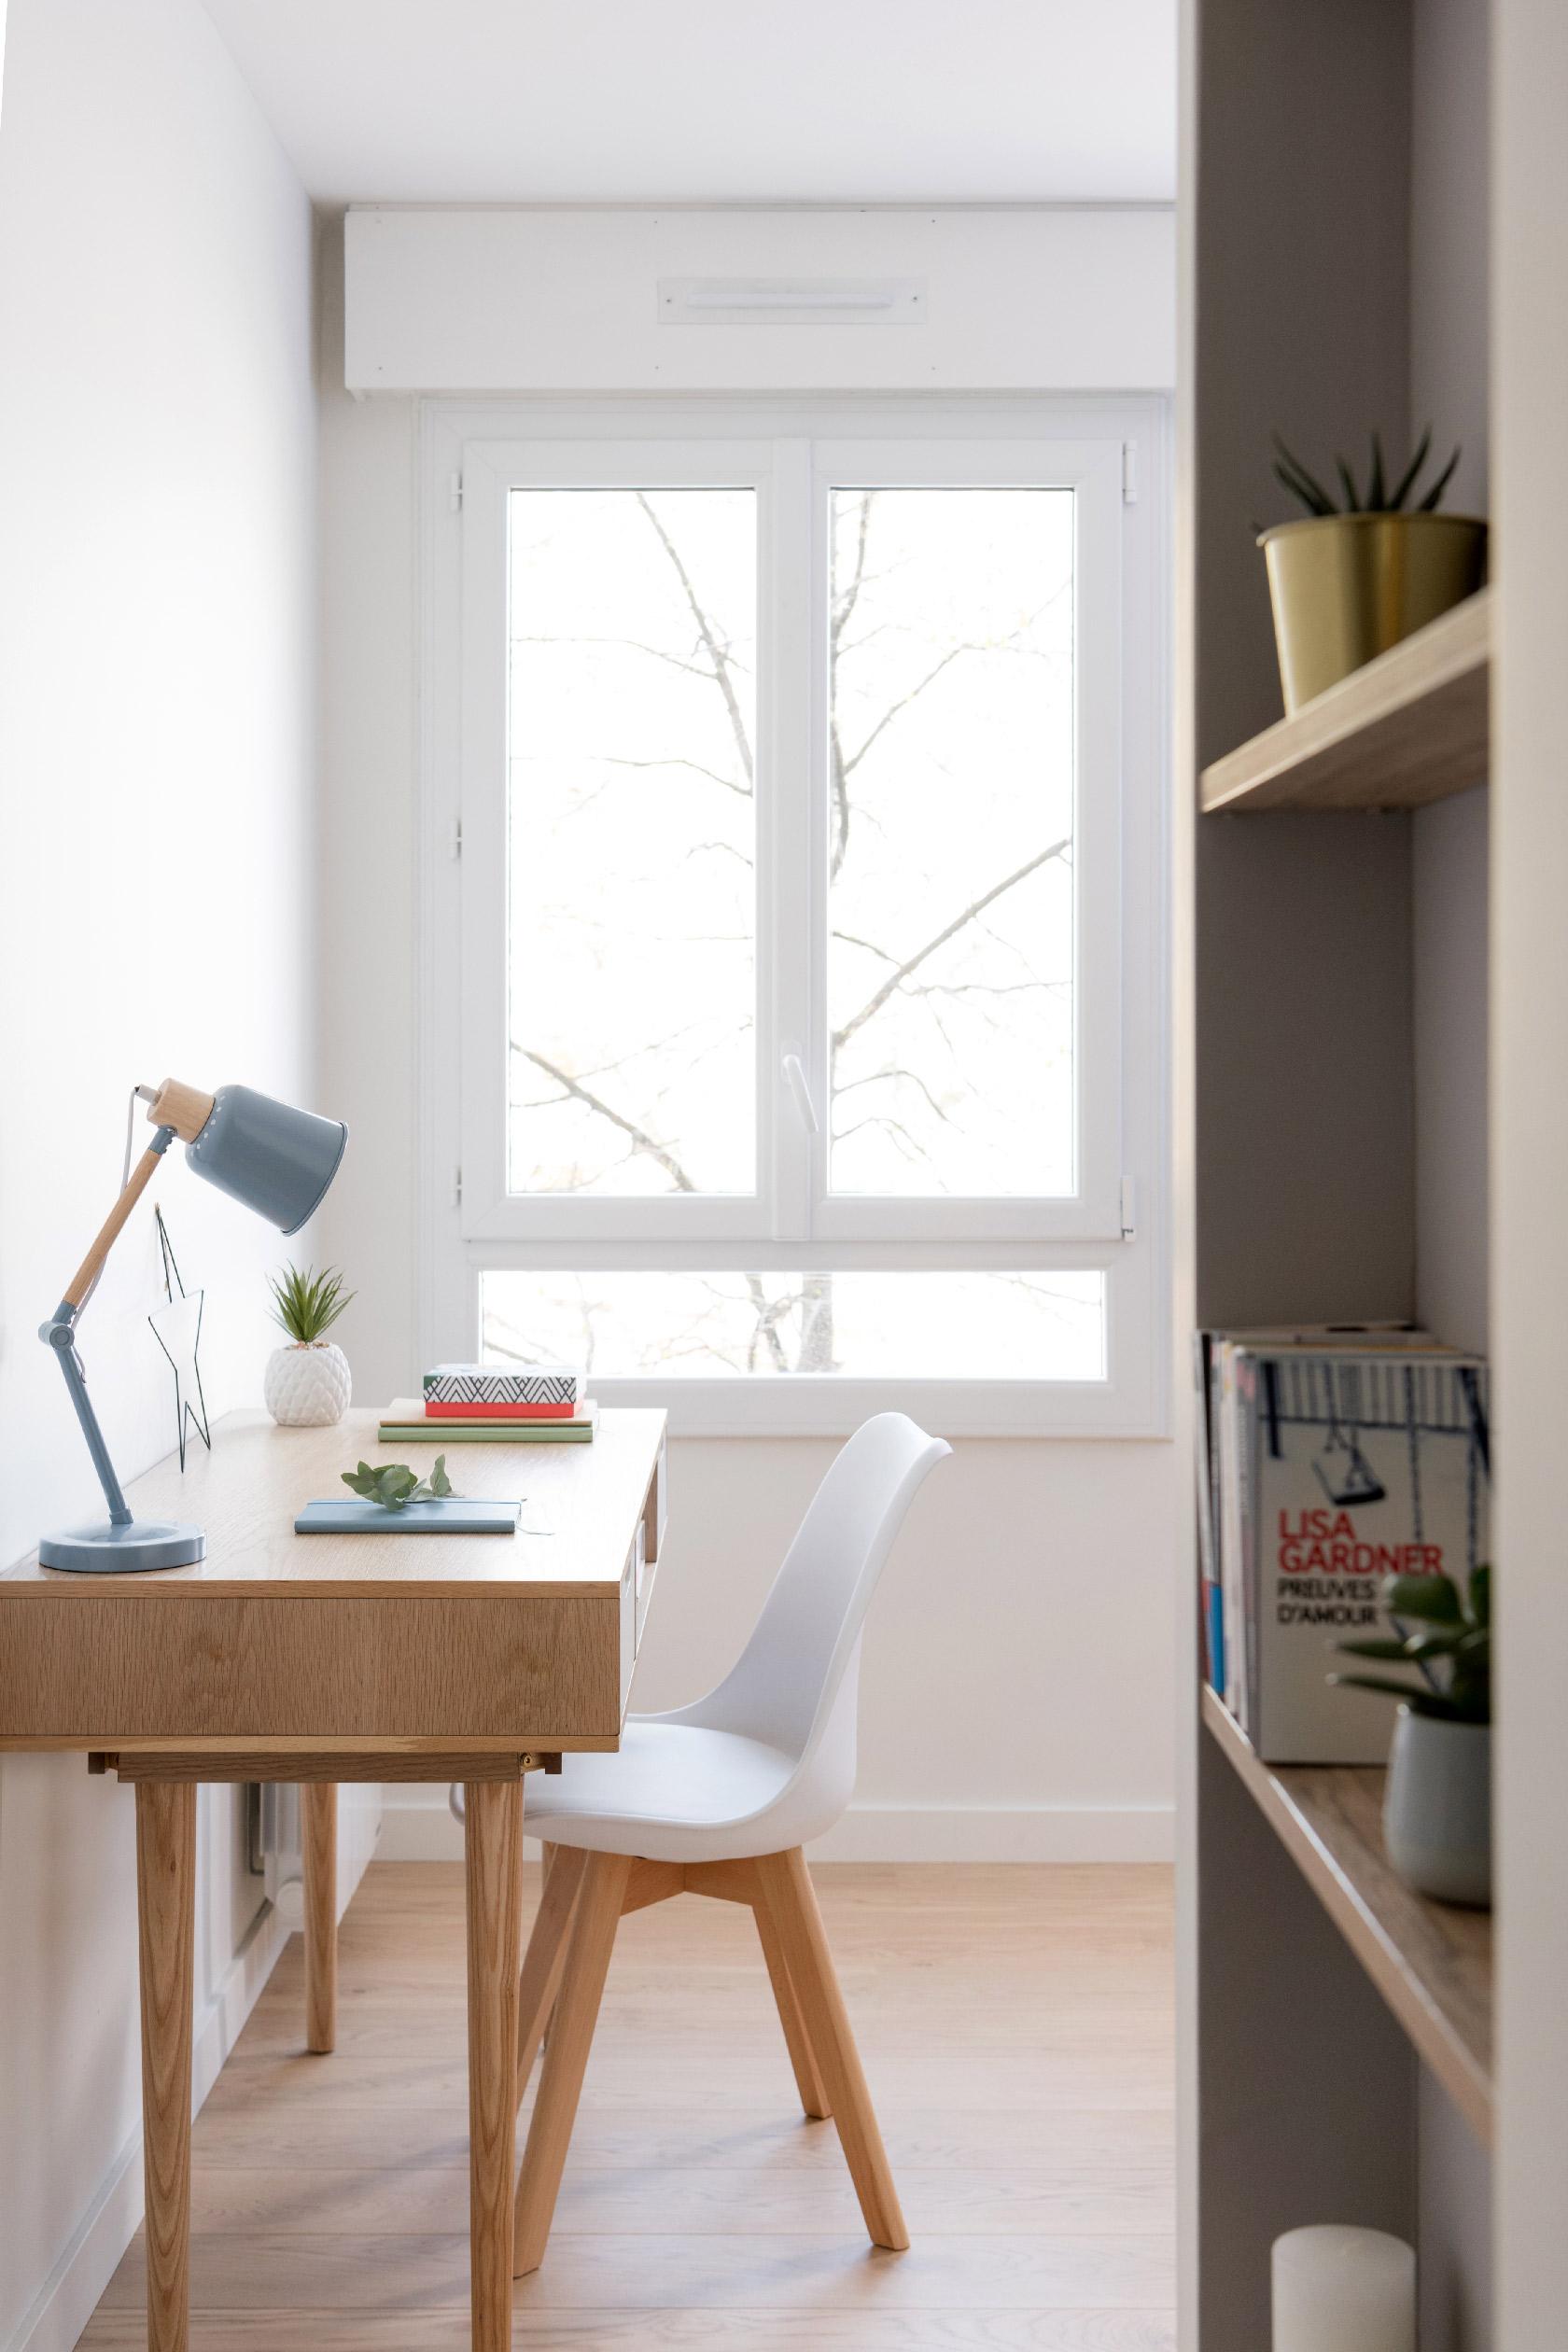 Dans l'entrée du bureau, une étagère gris et bois donne le ton de cette pièce épurée.